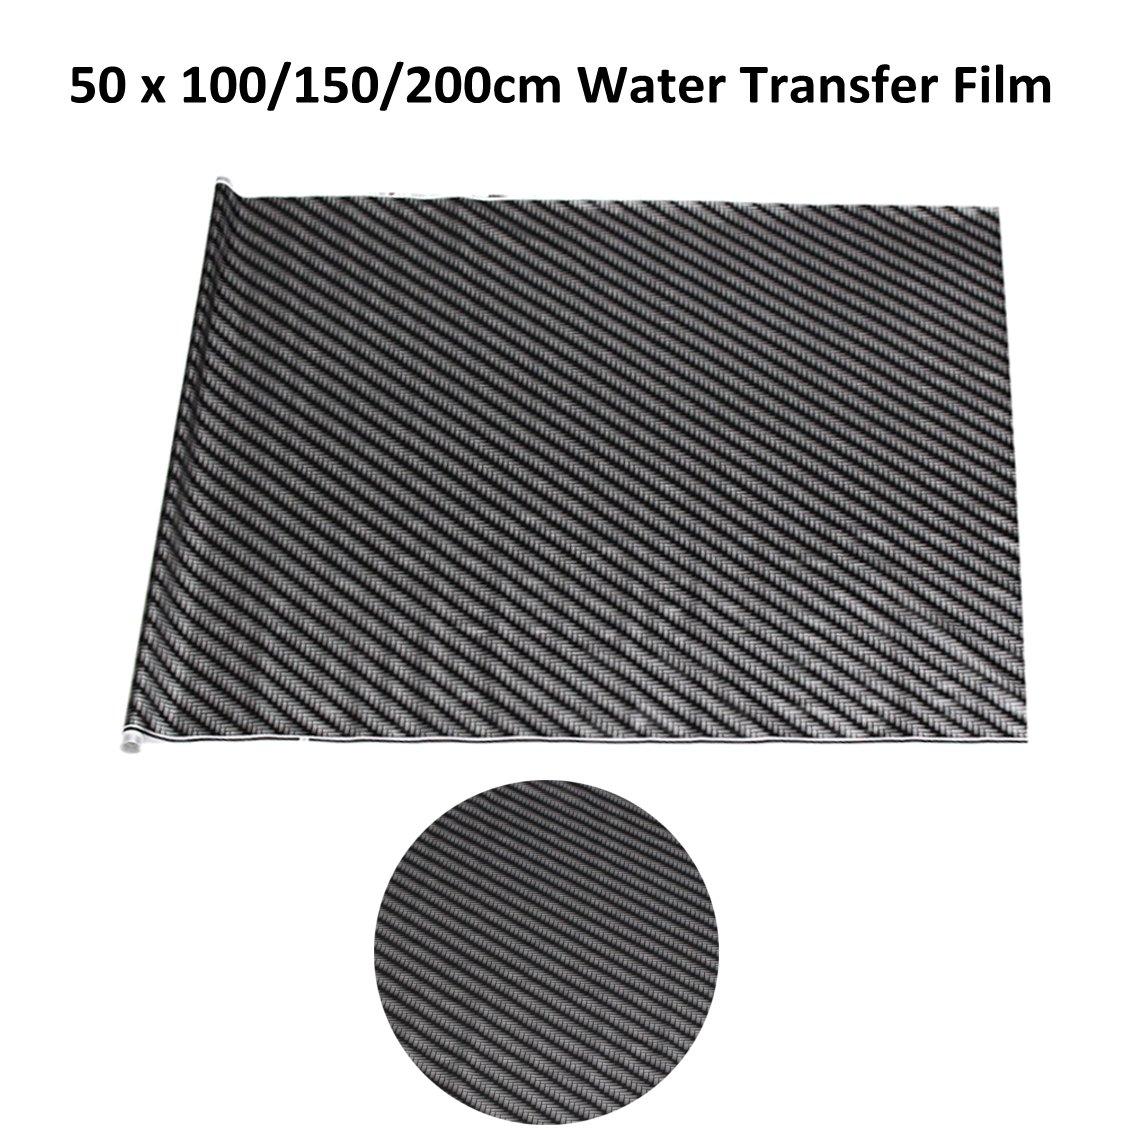 ChaRLes Pel/ícula de impresi/ón de inmersi/ón de inmersi/ón hidro sumergida de transferencia hidr/áulica de agua de 50Cm Pva 100Cm